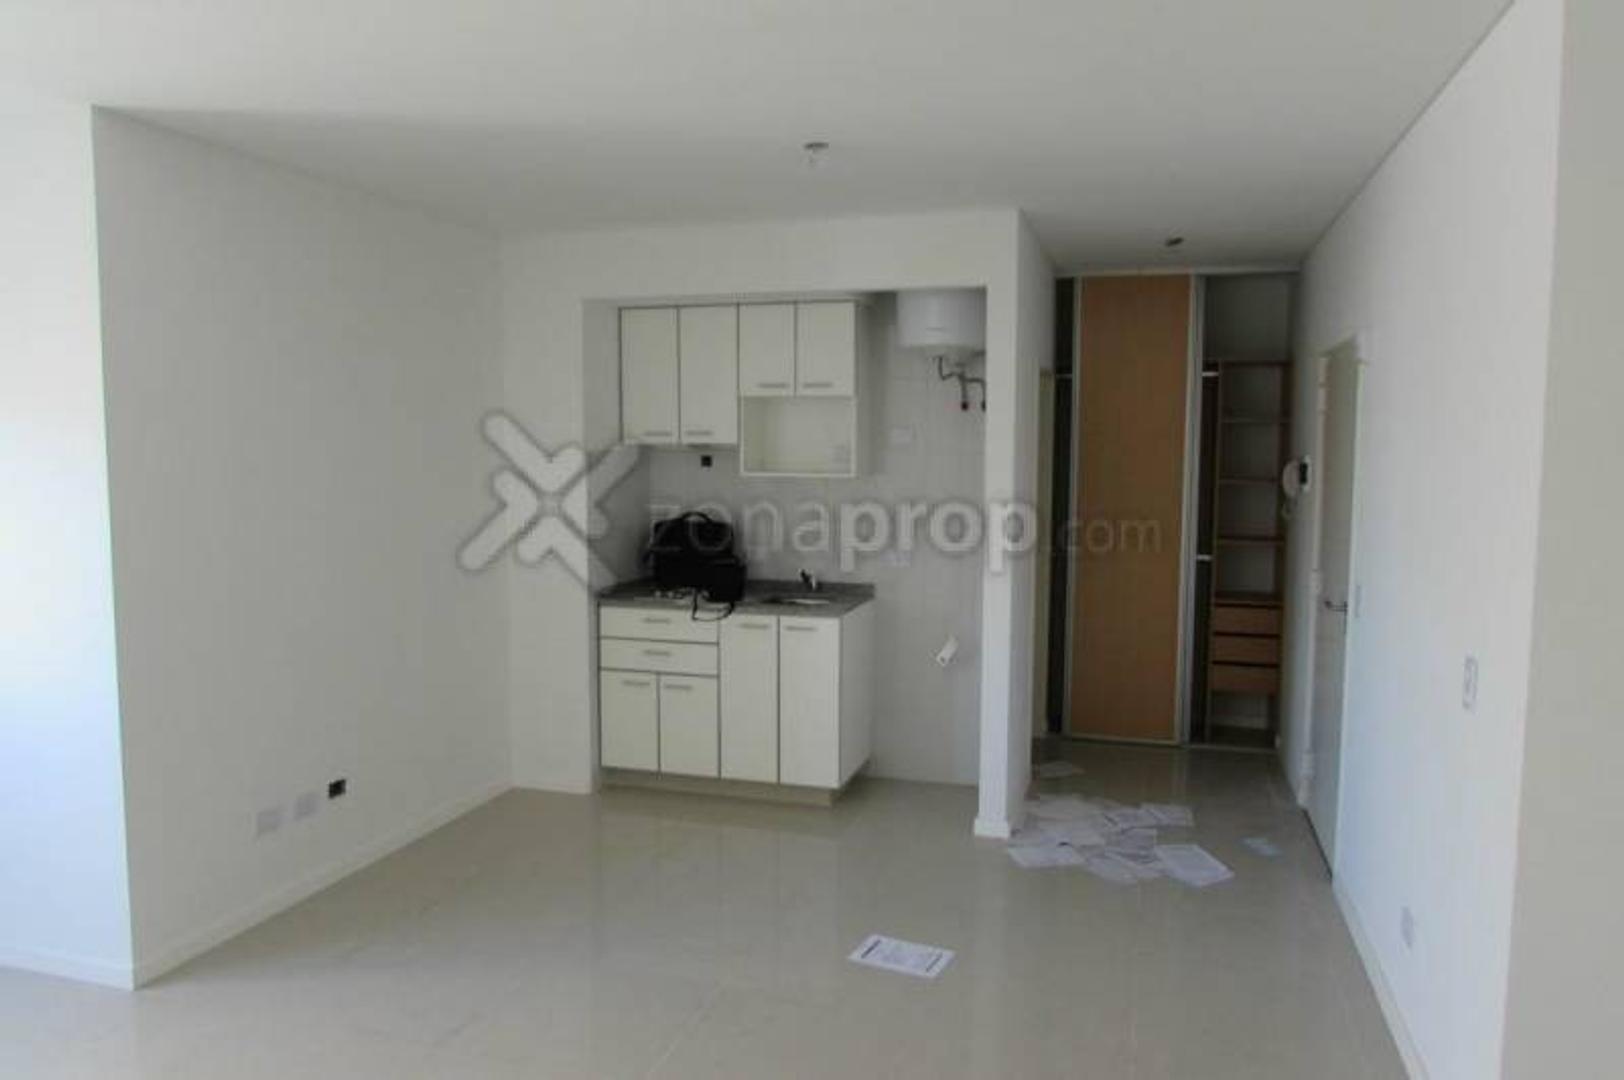 Avenida Directorio 1200 - Caballito - Capital Federal